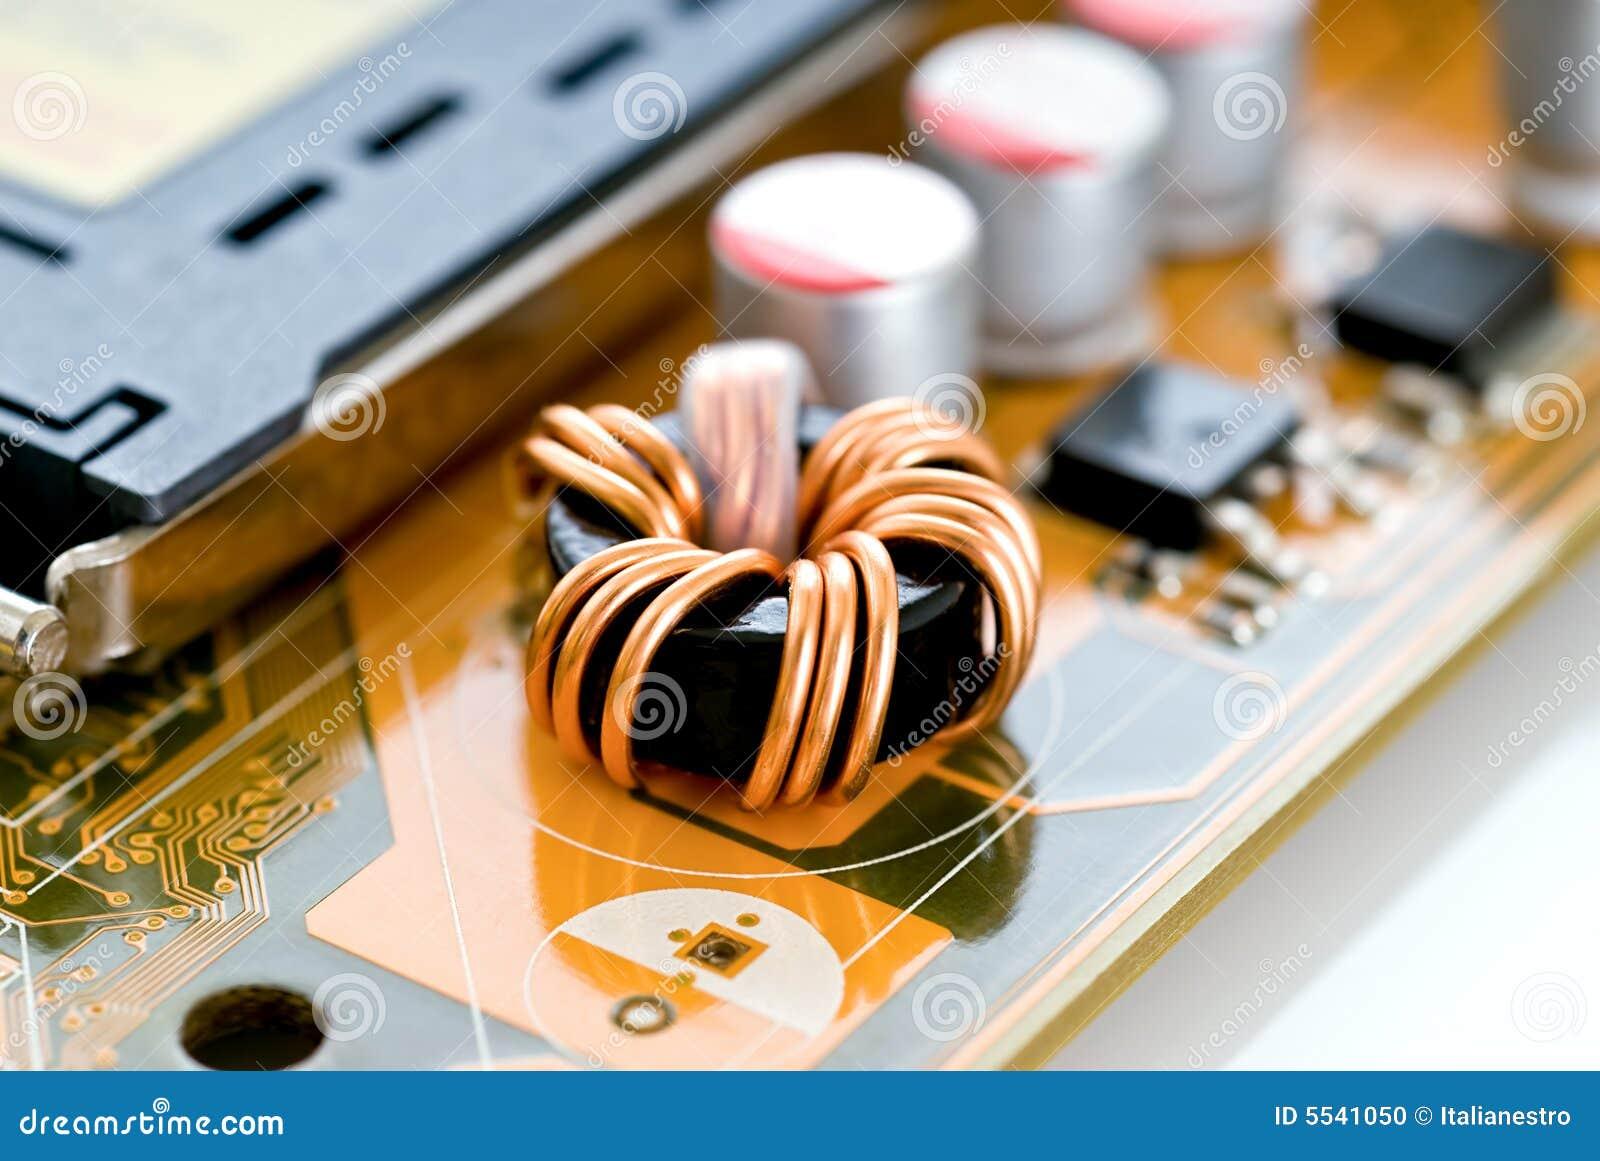 συστατικά ηλεκτρονικά